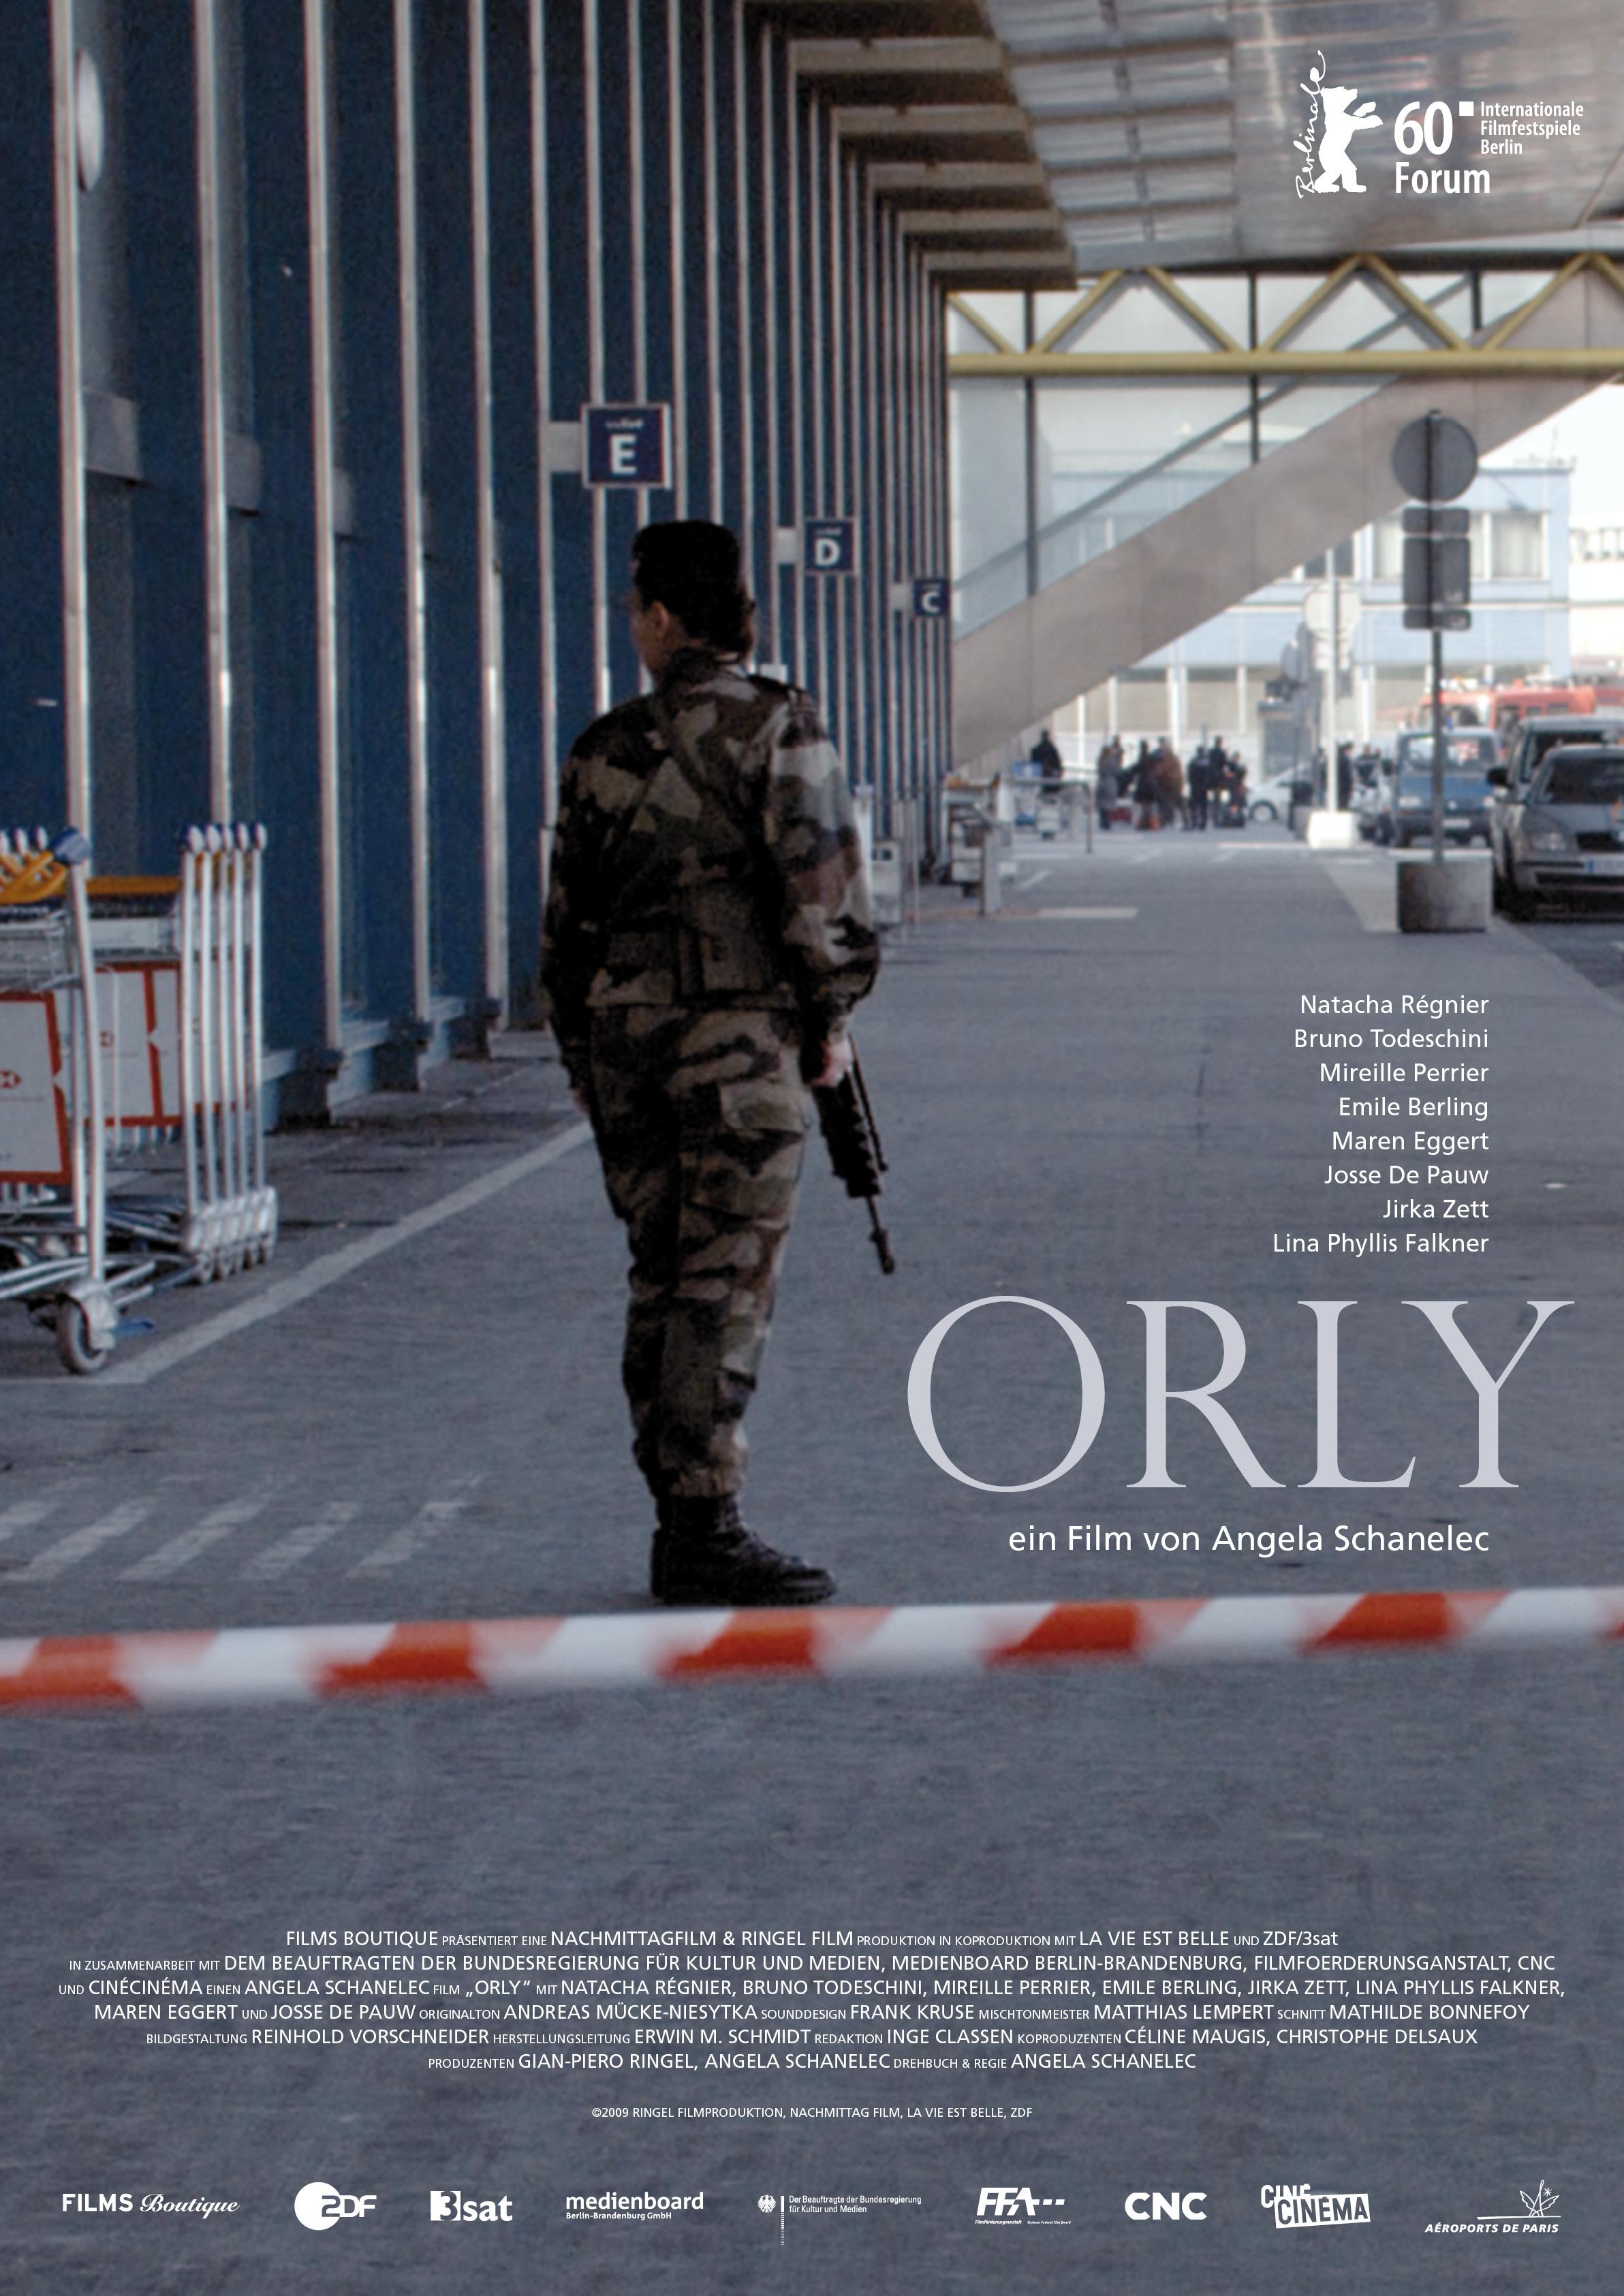 ORLY_A0_PrintFINAL.jpg